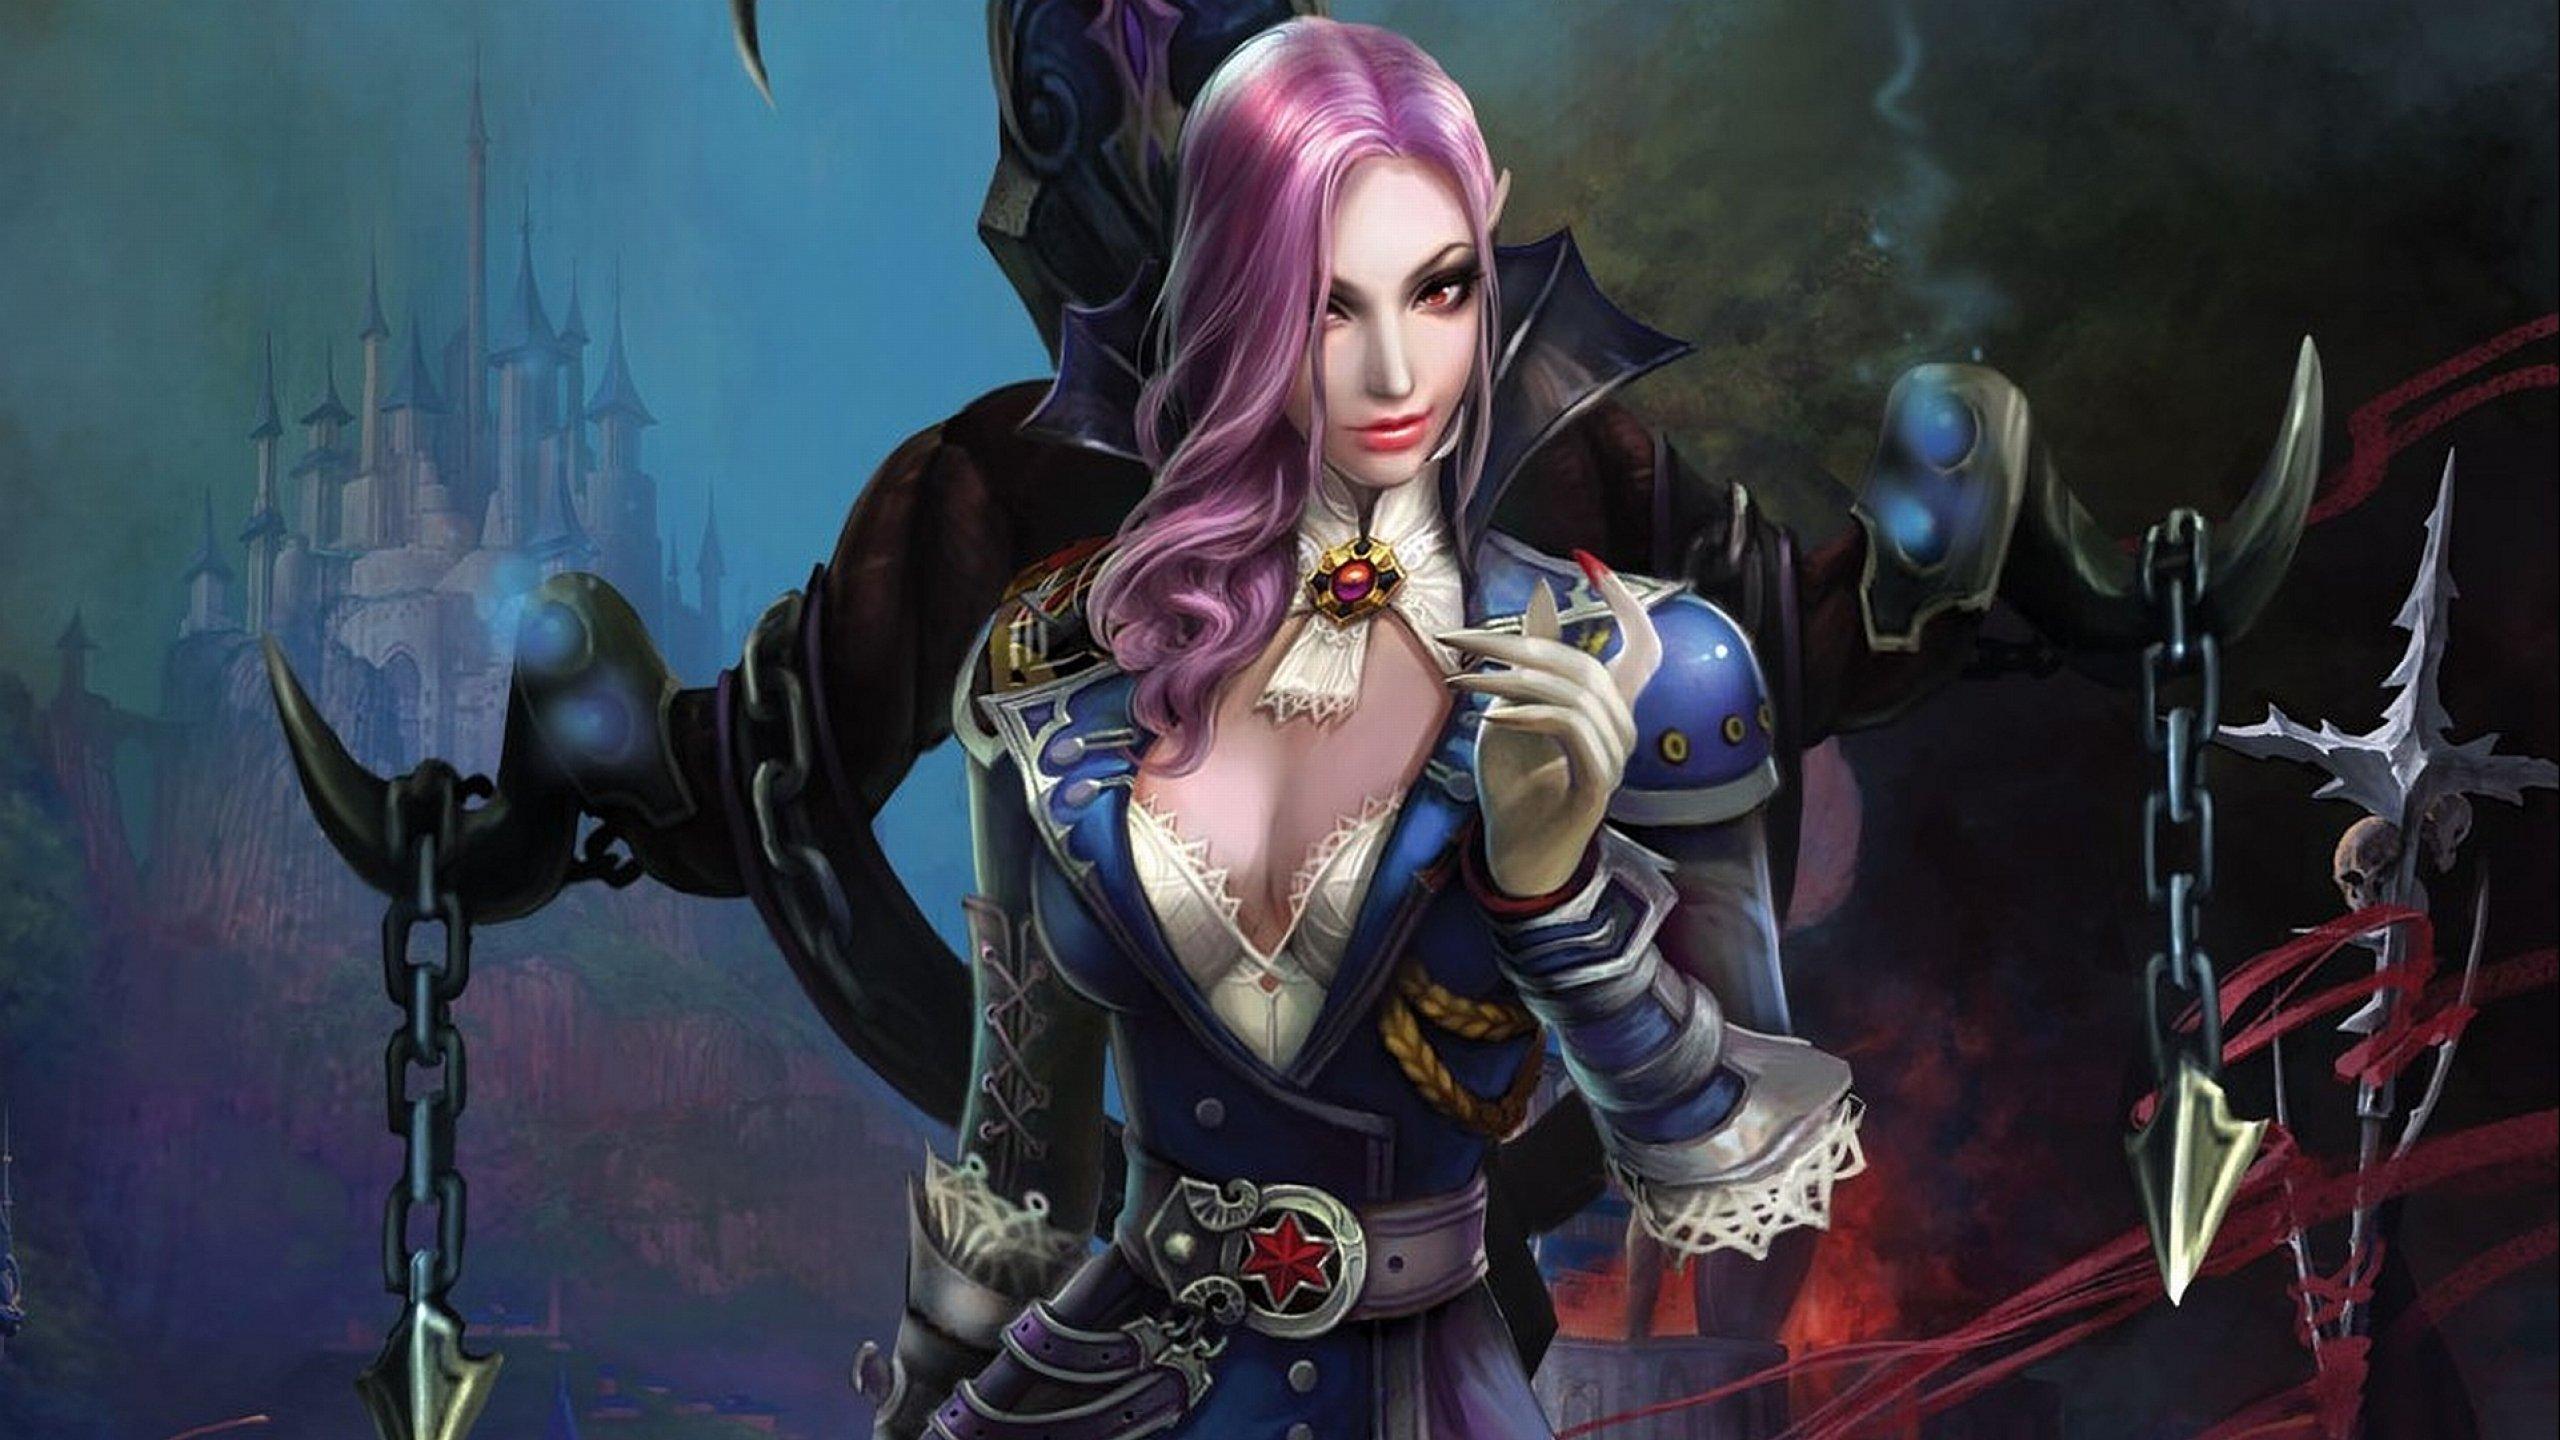 Vampire-warrior-girl nude pictures